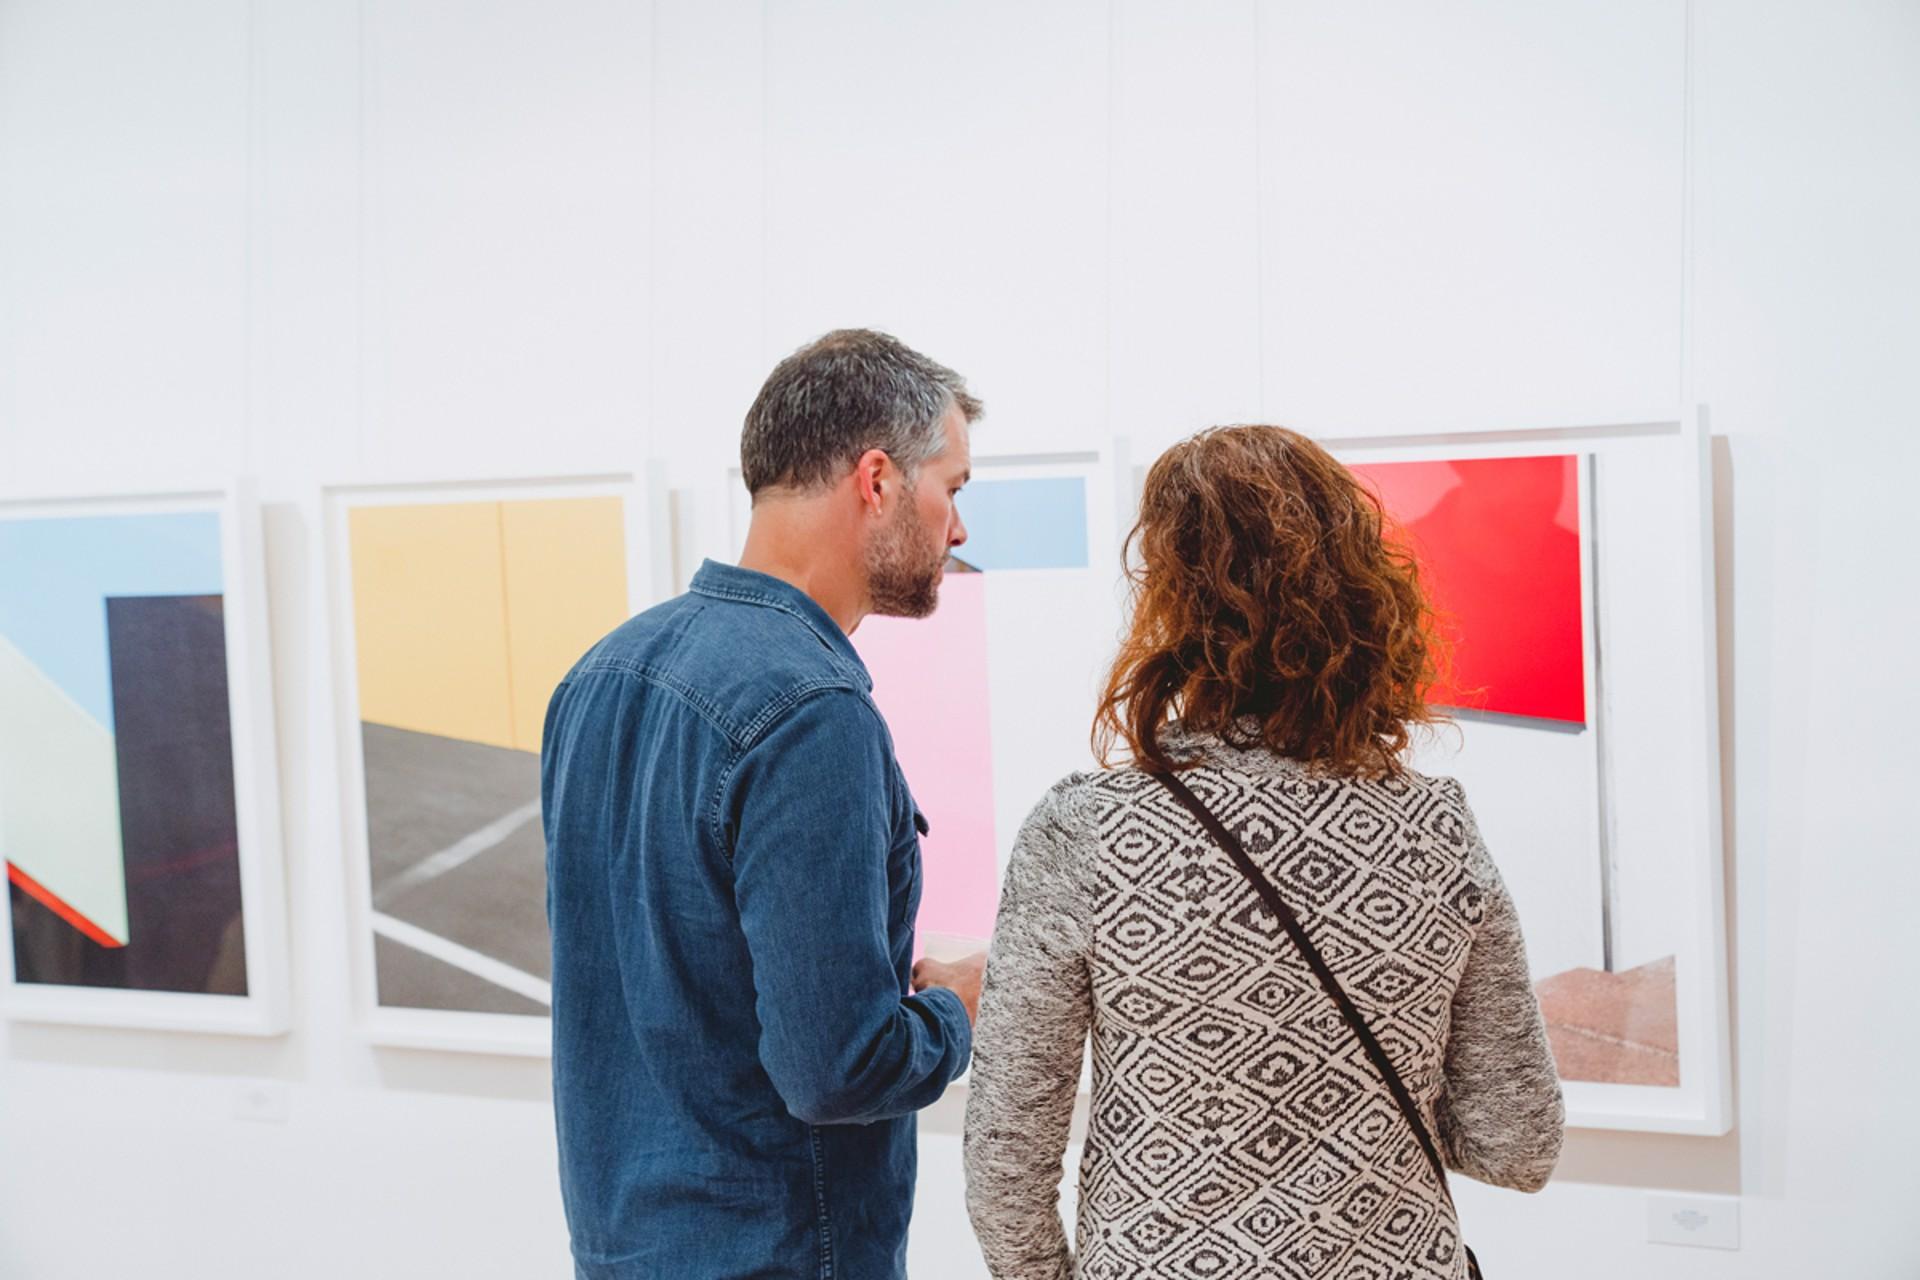 Red Powerhouse by Jon Setter